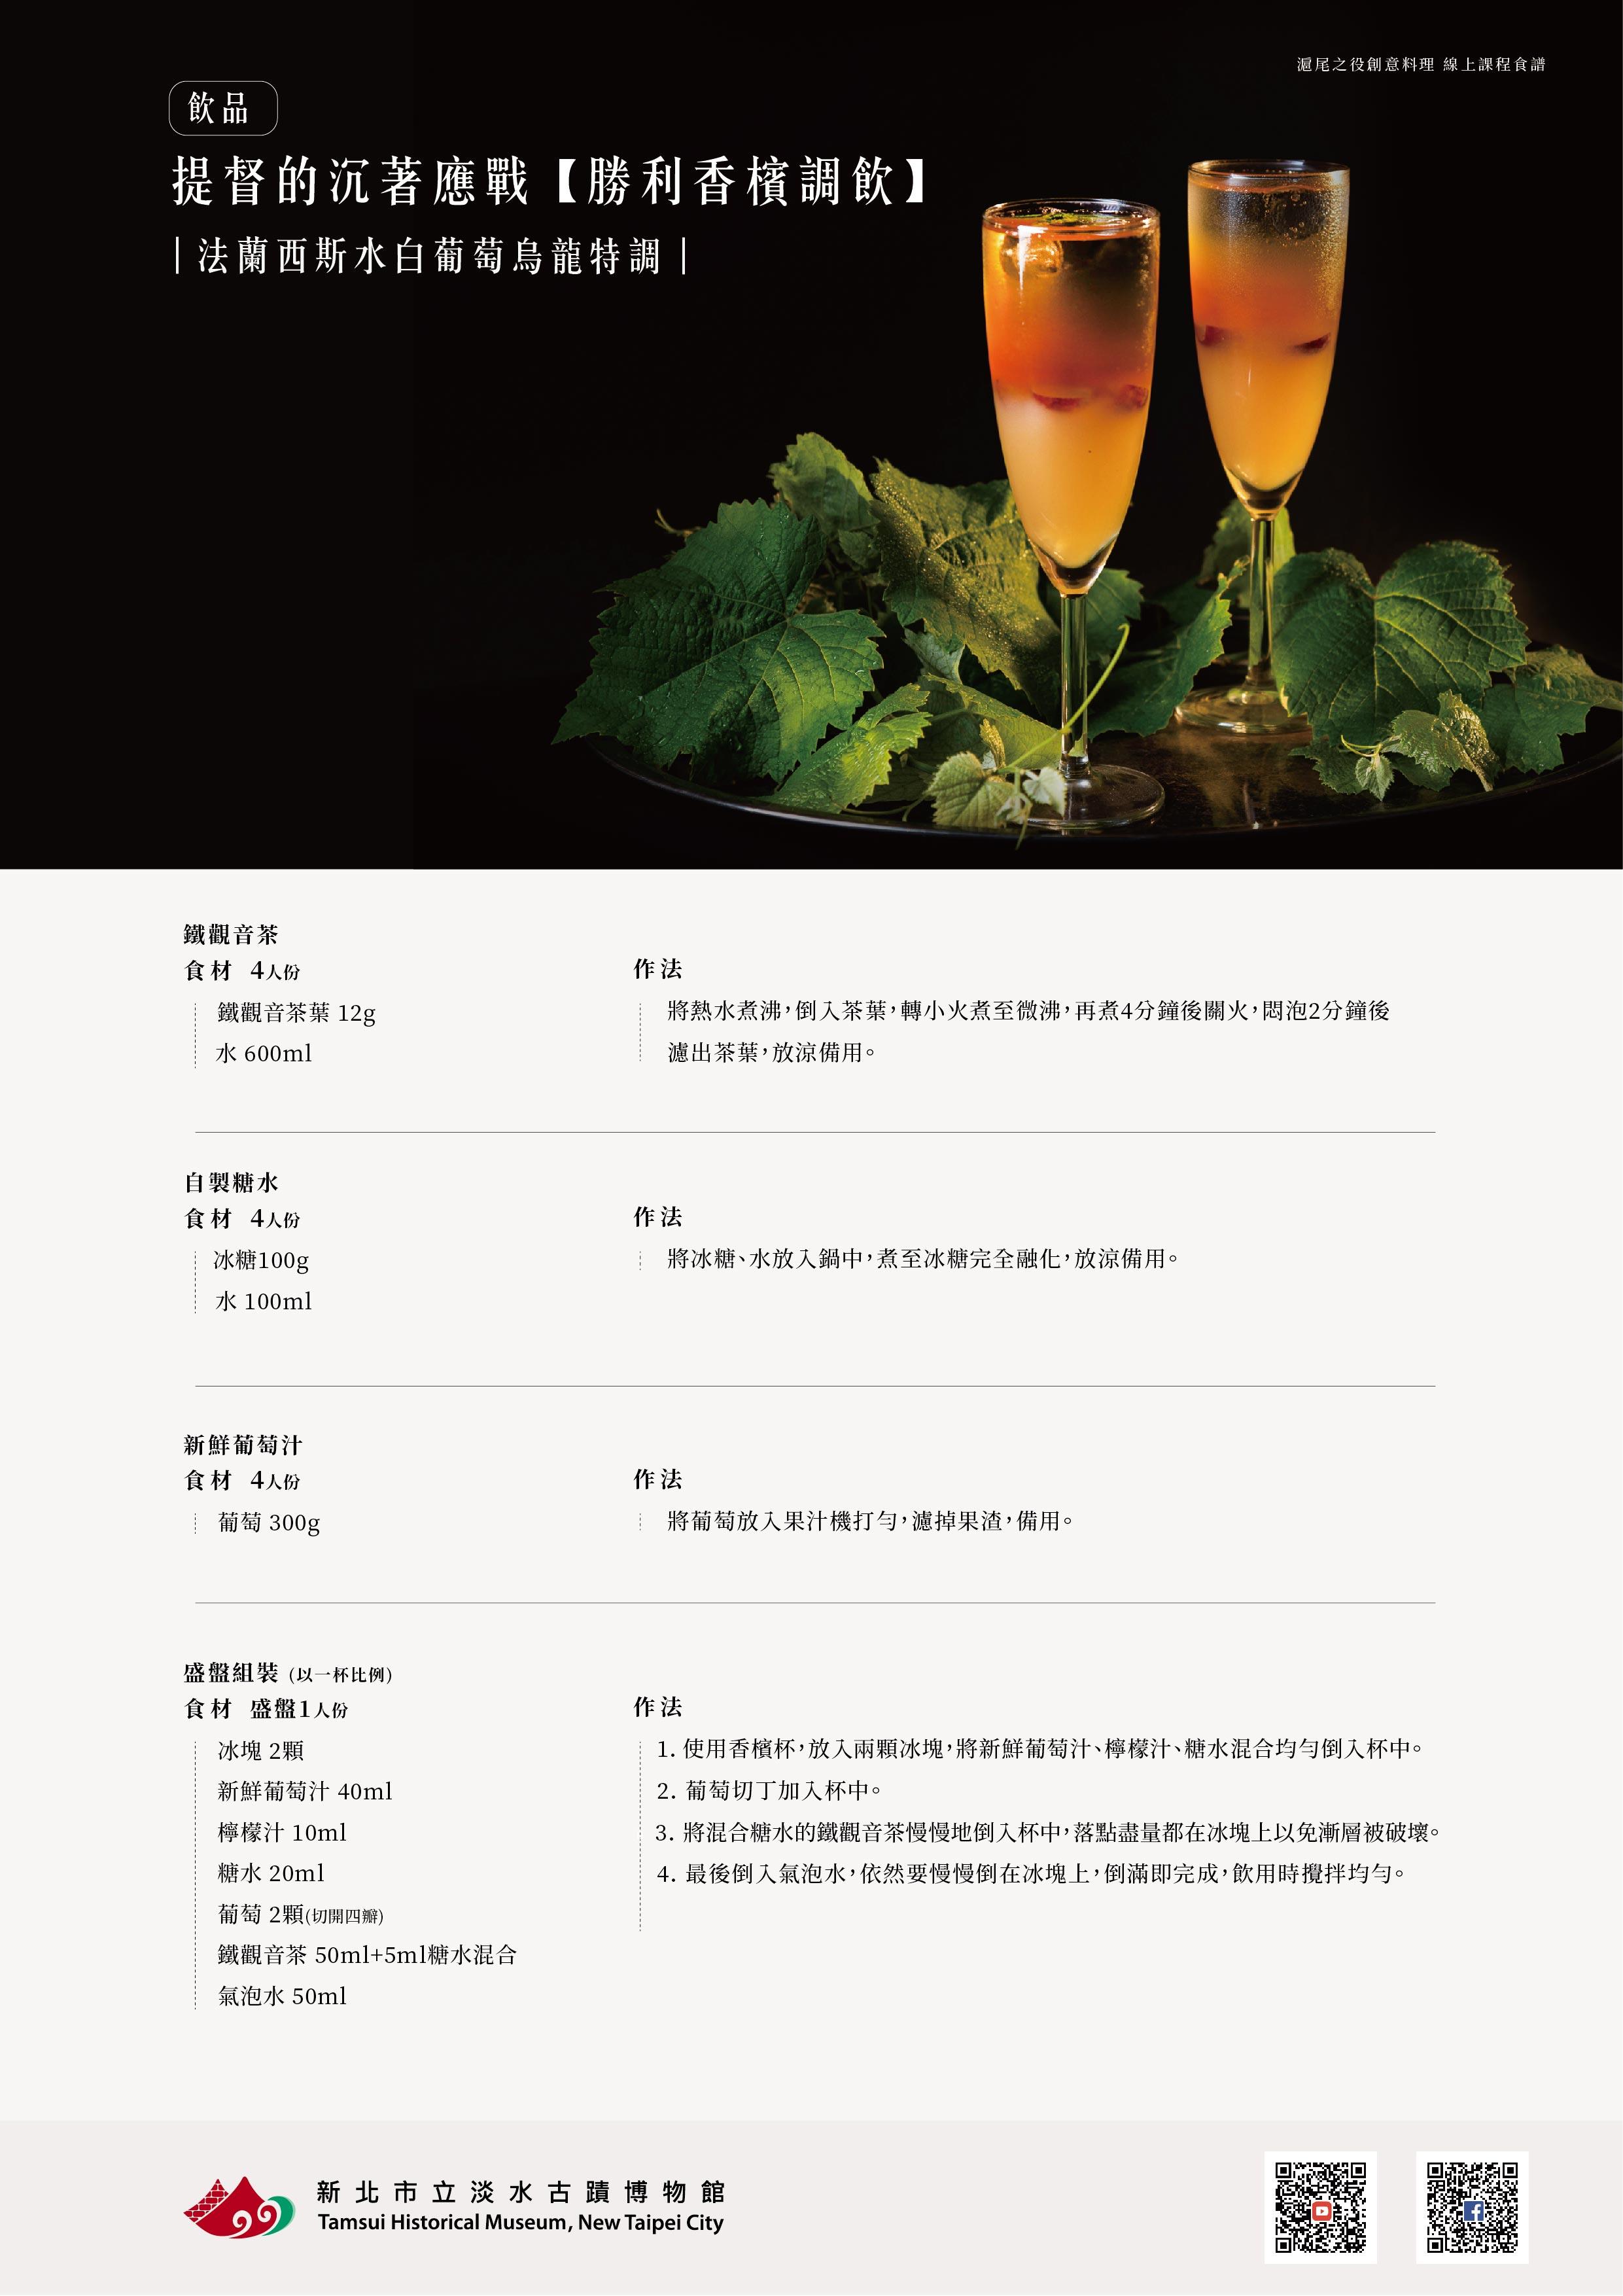 食譜-勝利香檳調飲